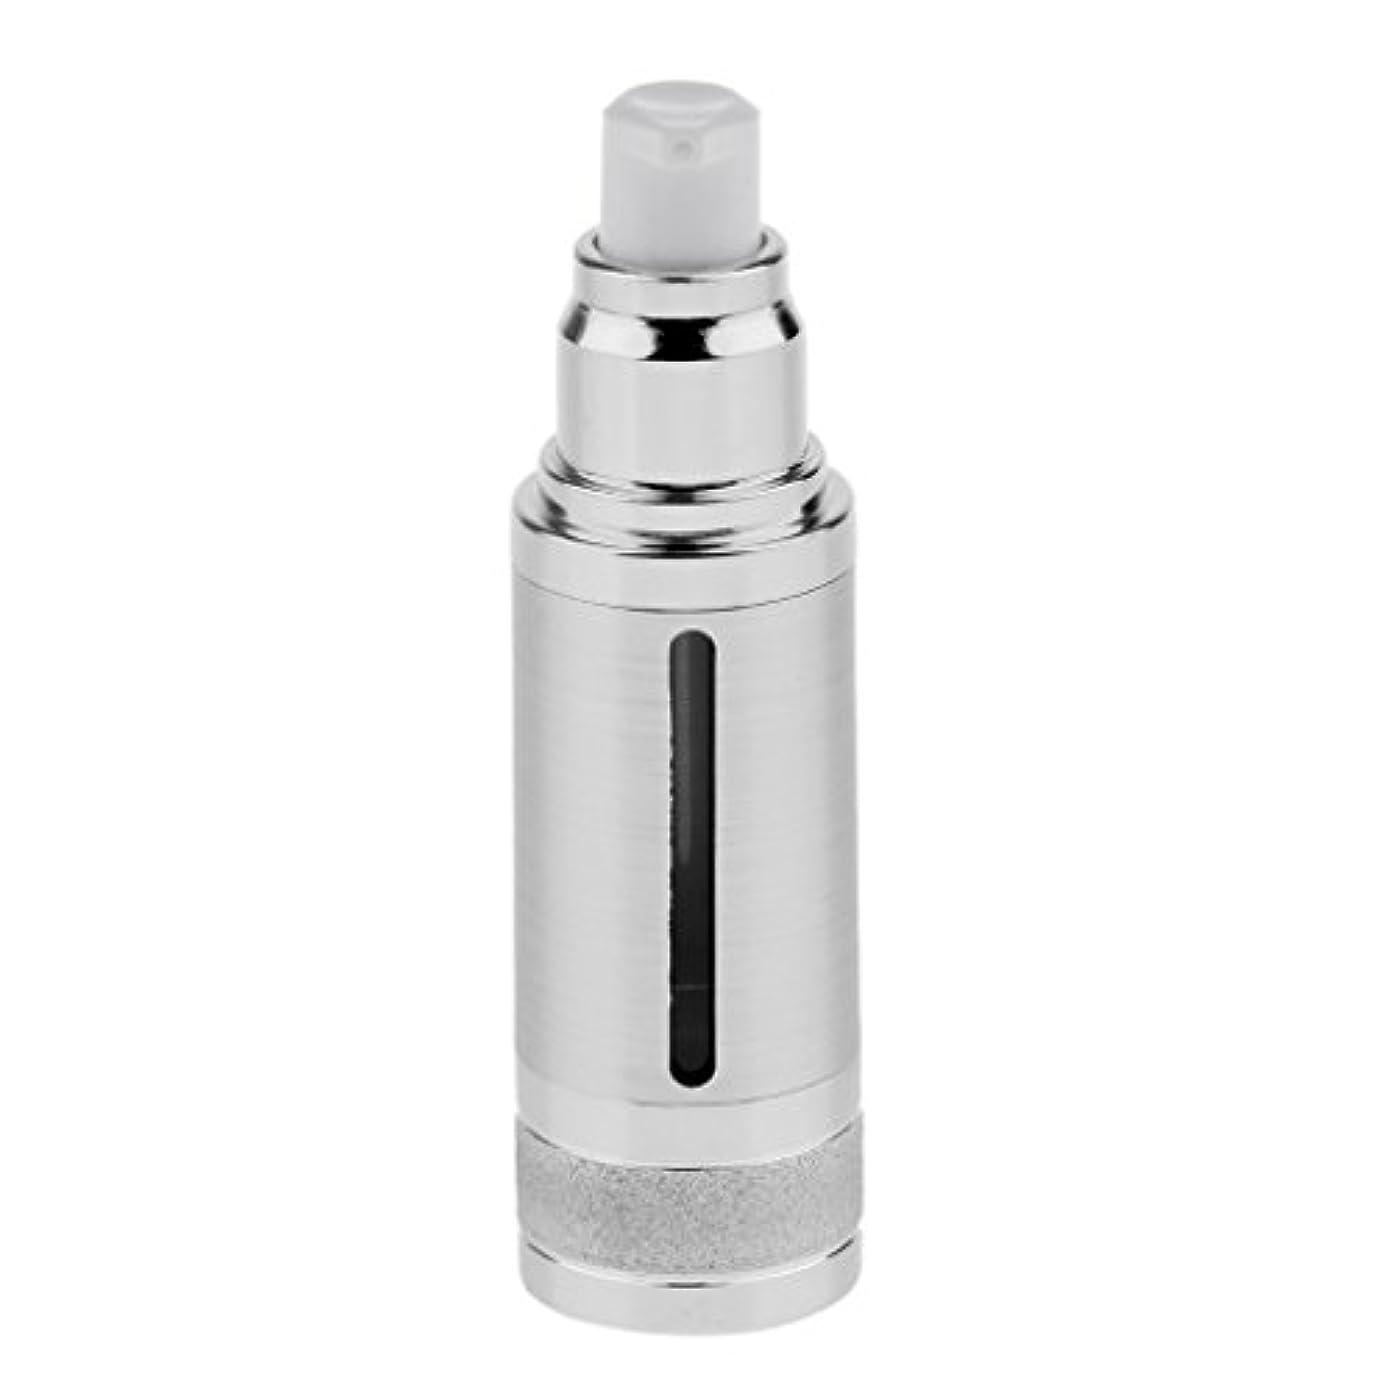 参照する懐抑圧ポンプボトル 空ボトル エアレスボトル 30ml 化粧品 コスメ 香水 オイル 詰替え 容器 DIY 2色選べる - 銀